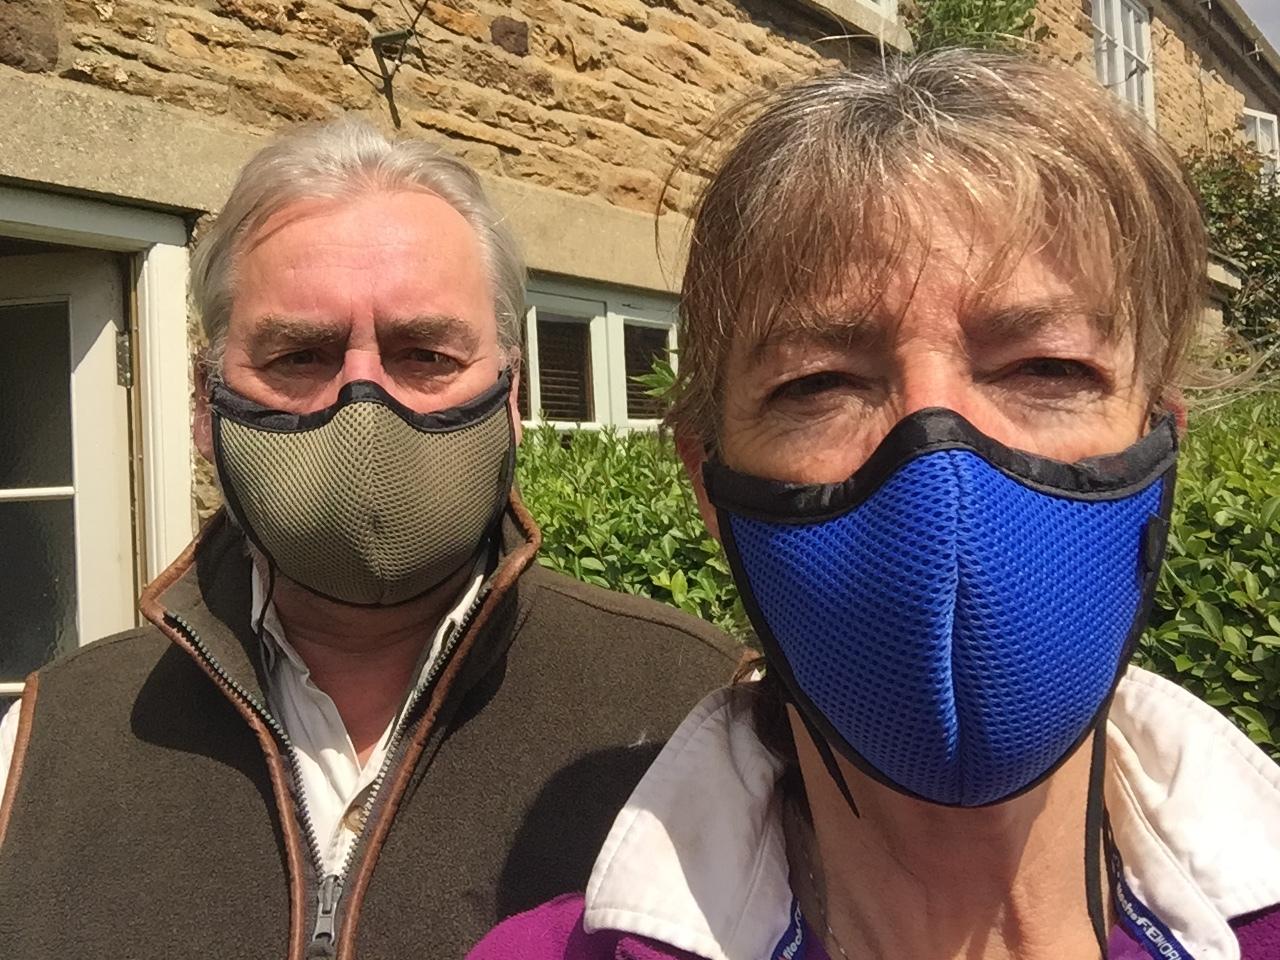 wearing masks